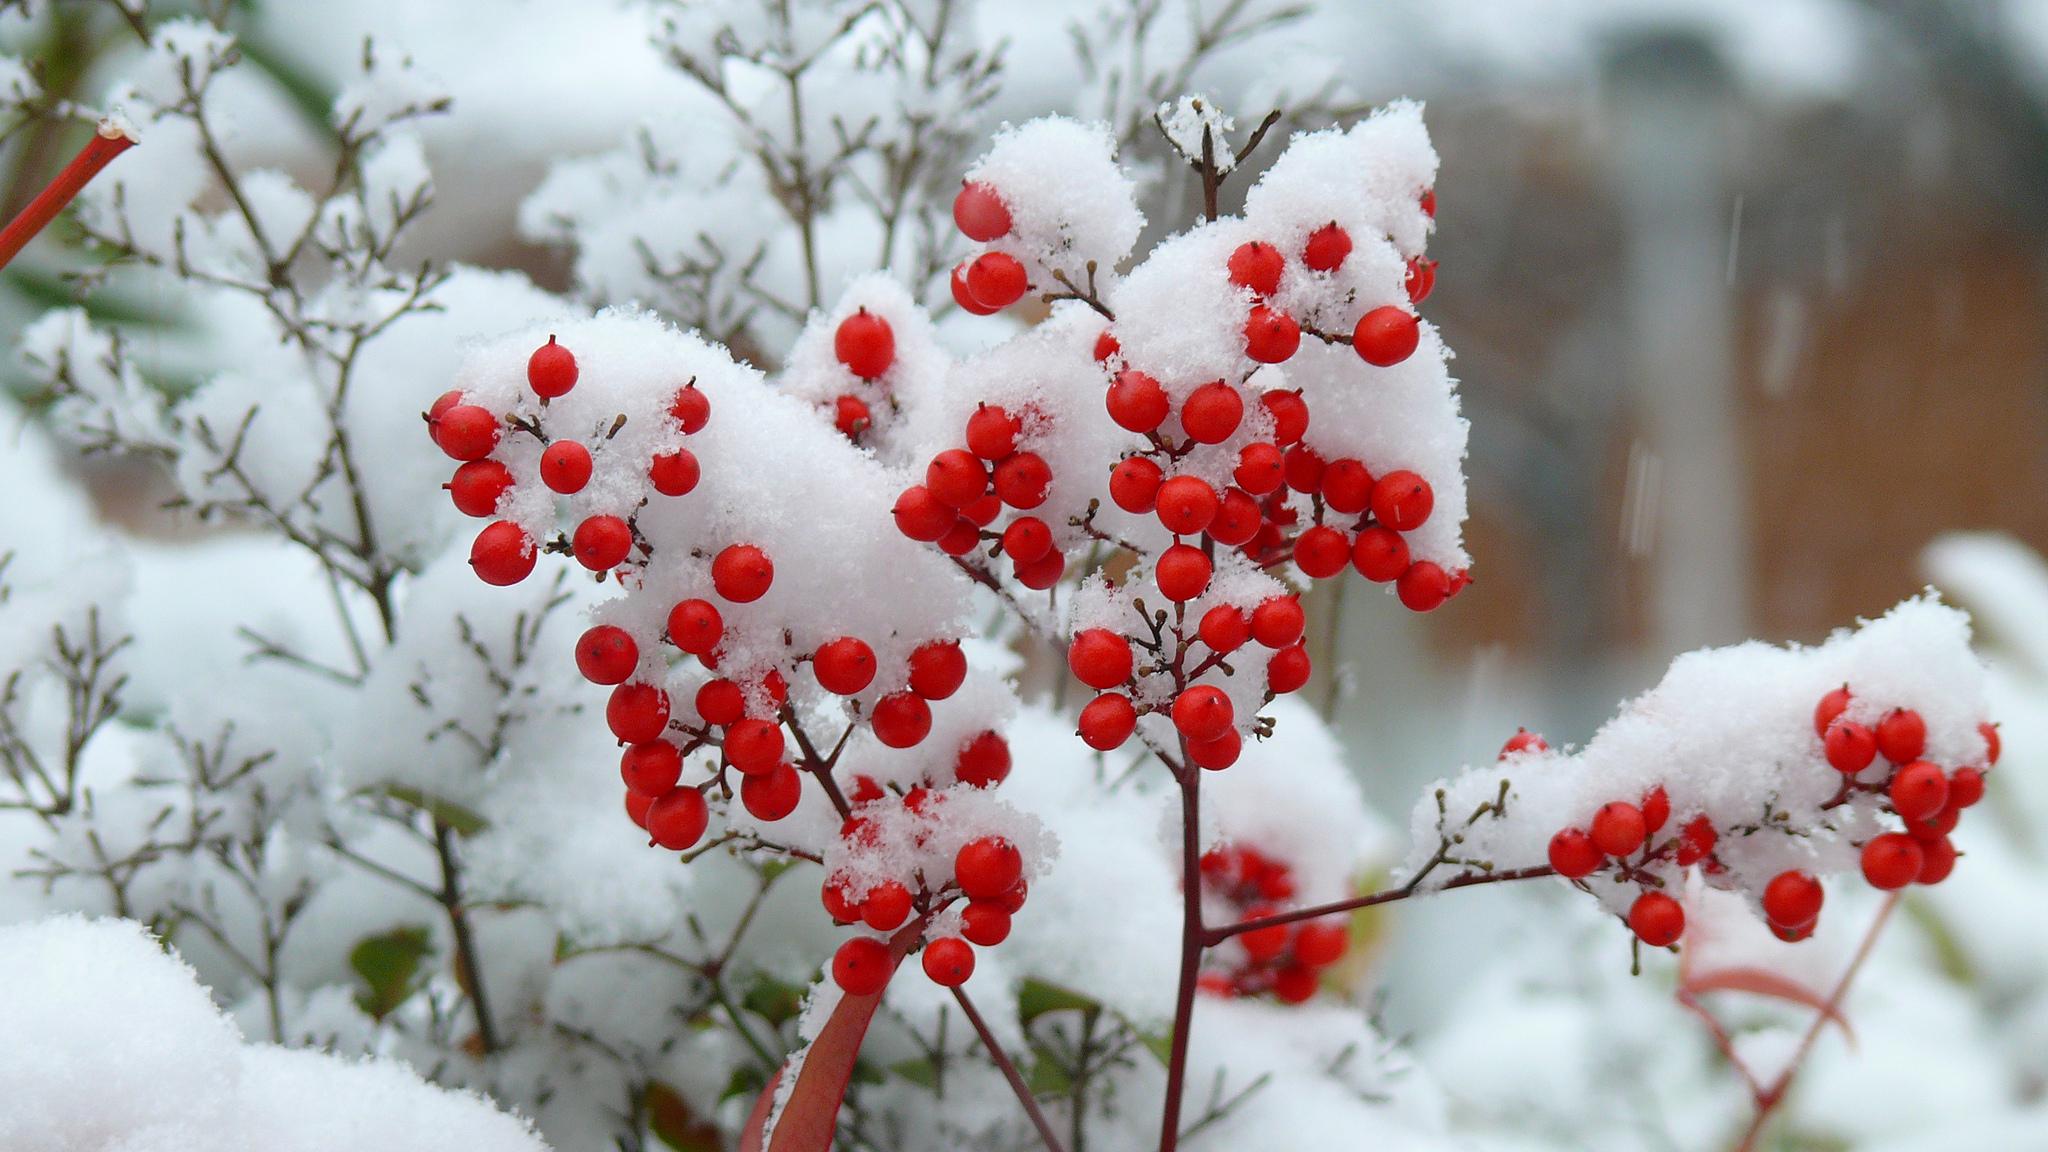 природа мороз рябина зима ветки еда ягоды  № 457108 загрузить